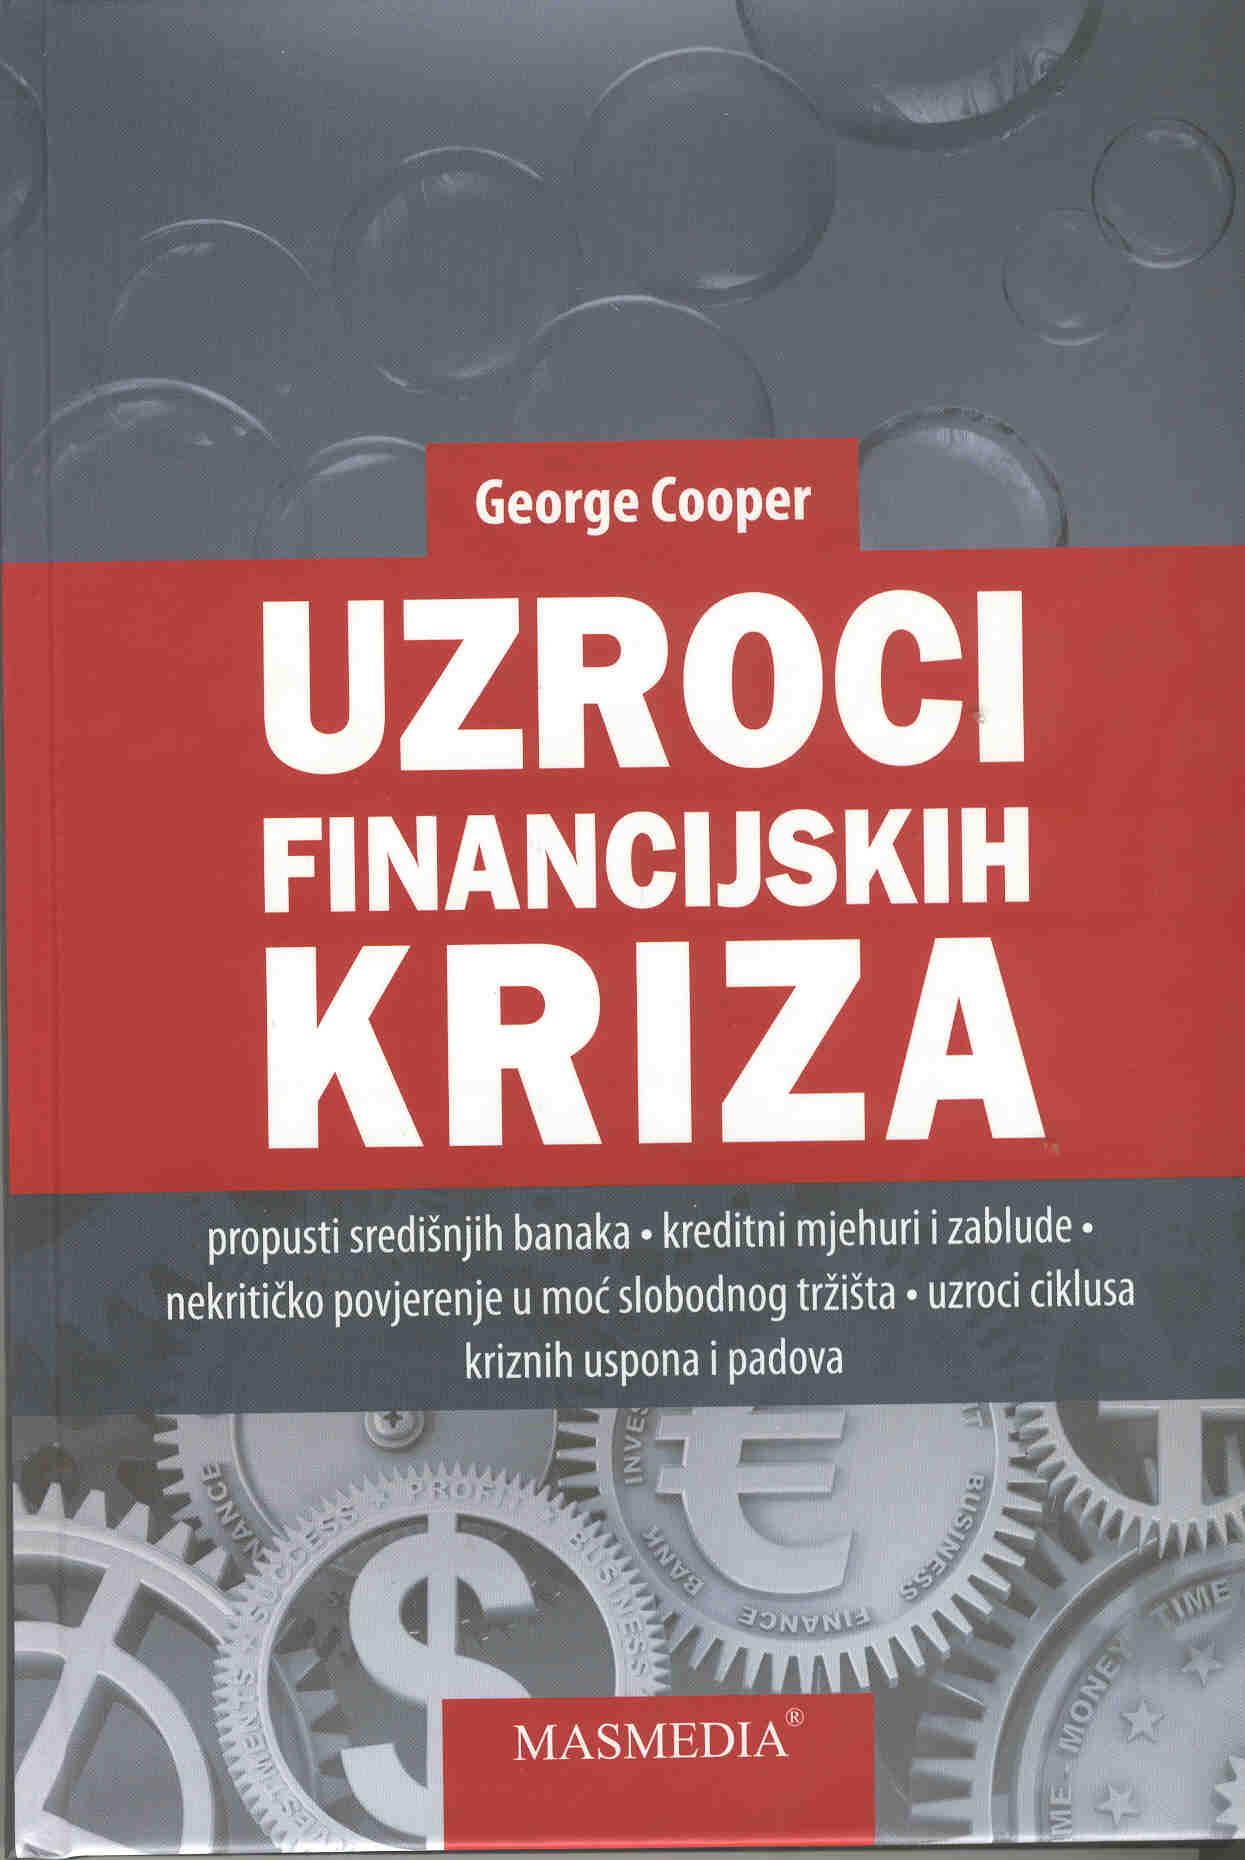 UZROCI FINANCIJSKIH KRIZA - Naruči svoju knjigu